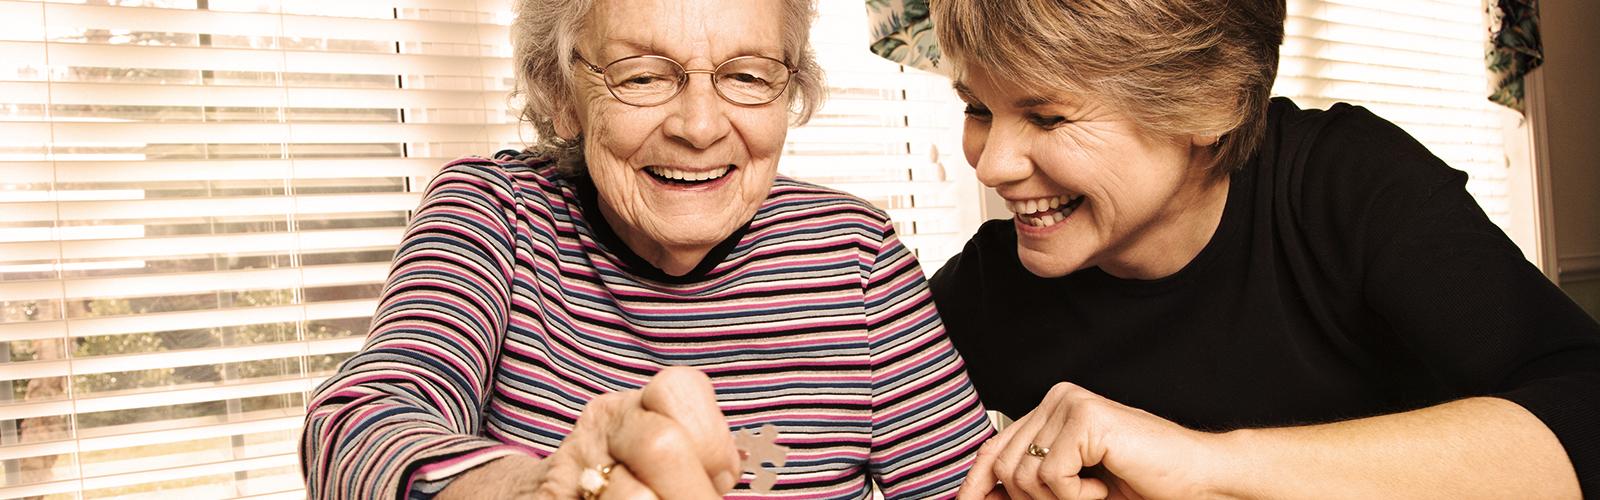 Mladá žena a staršia žena skladajú puzzle – aktivity, ktoré môžete robiť s milovanou osobou.